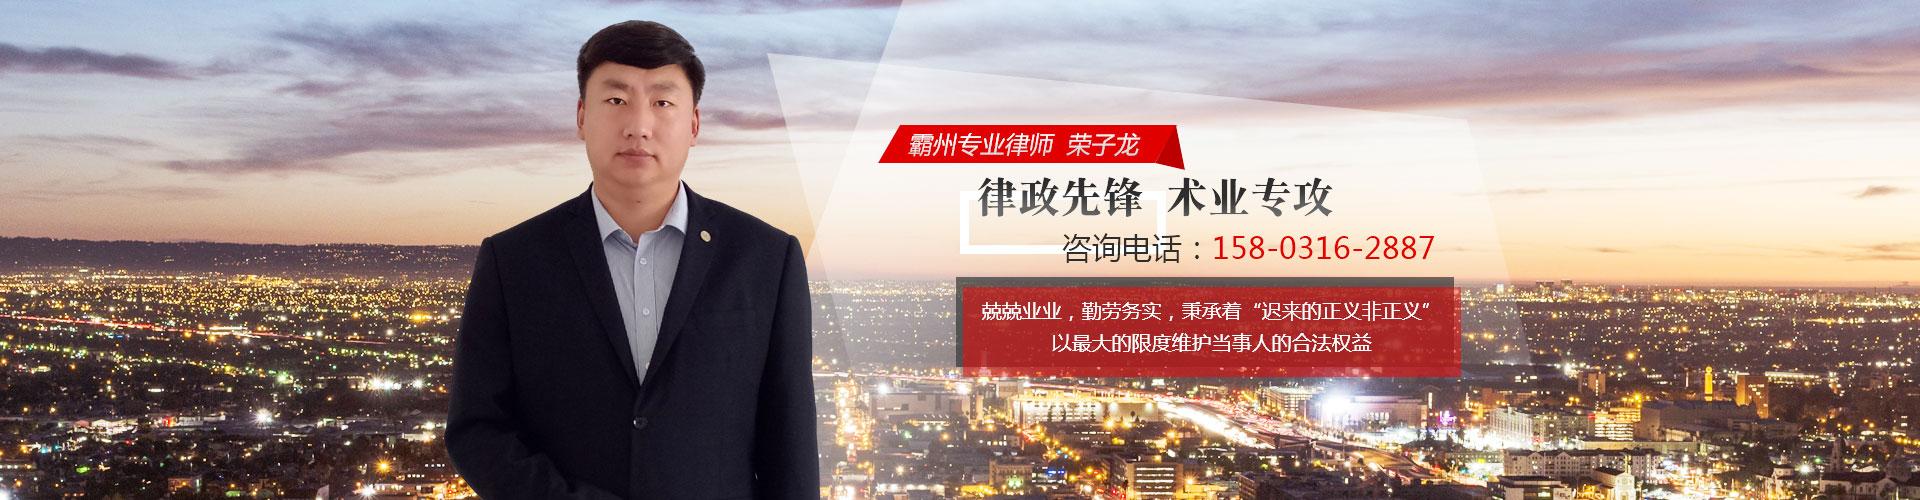 河北荣子龙律师